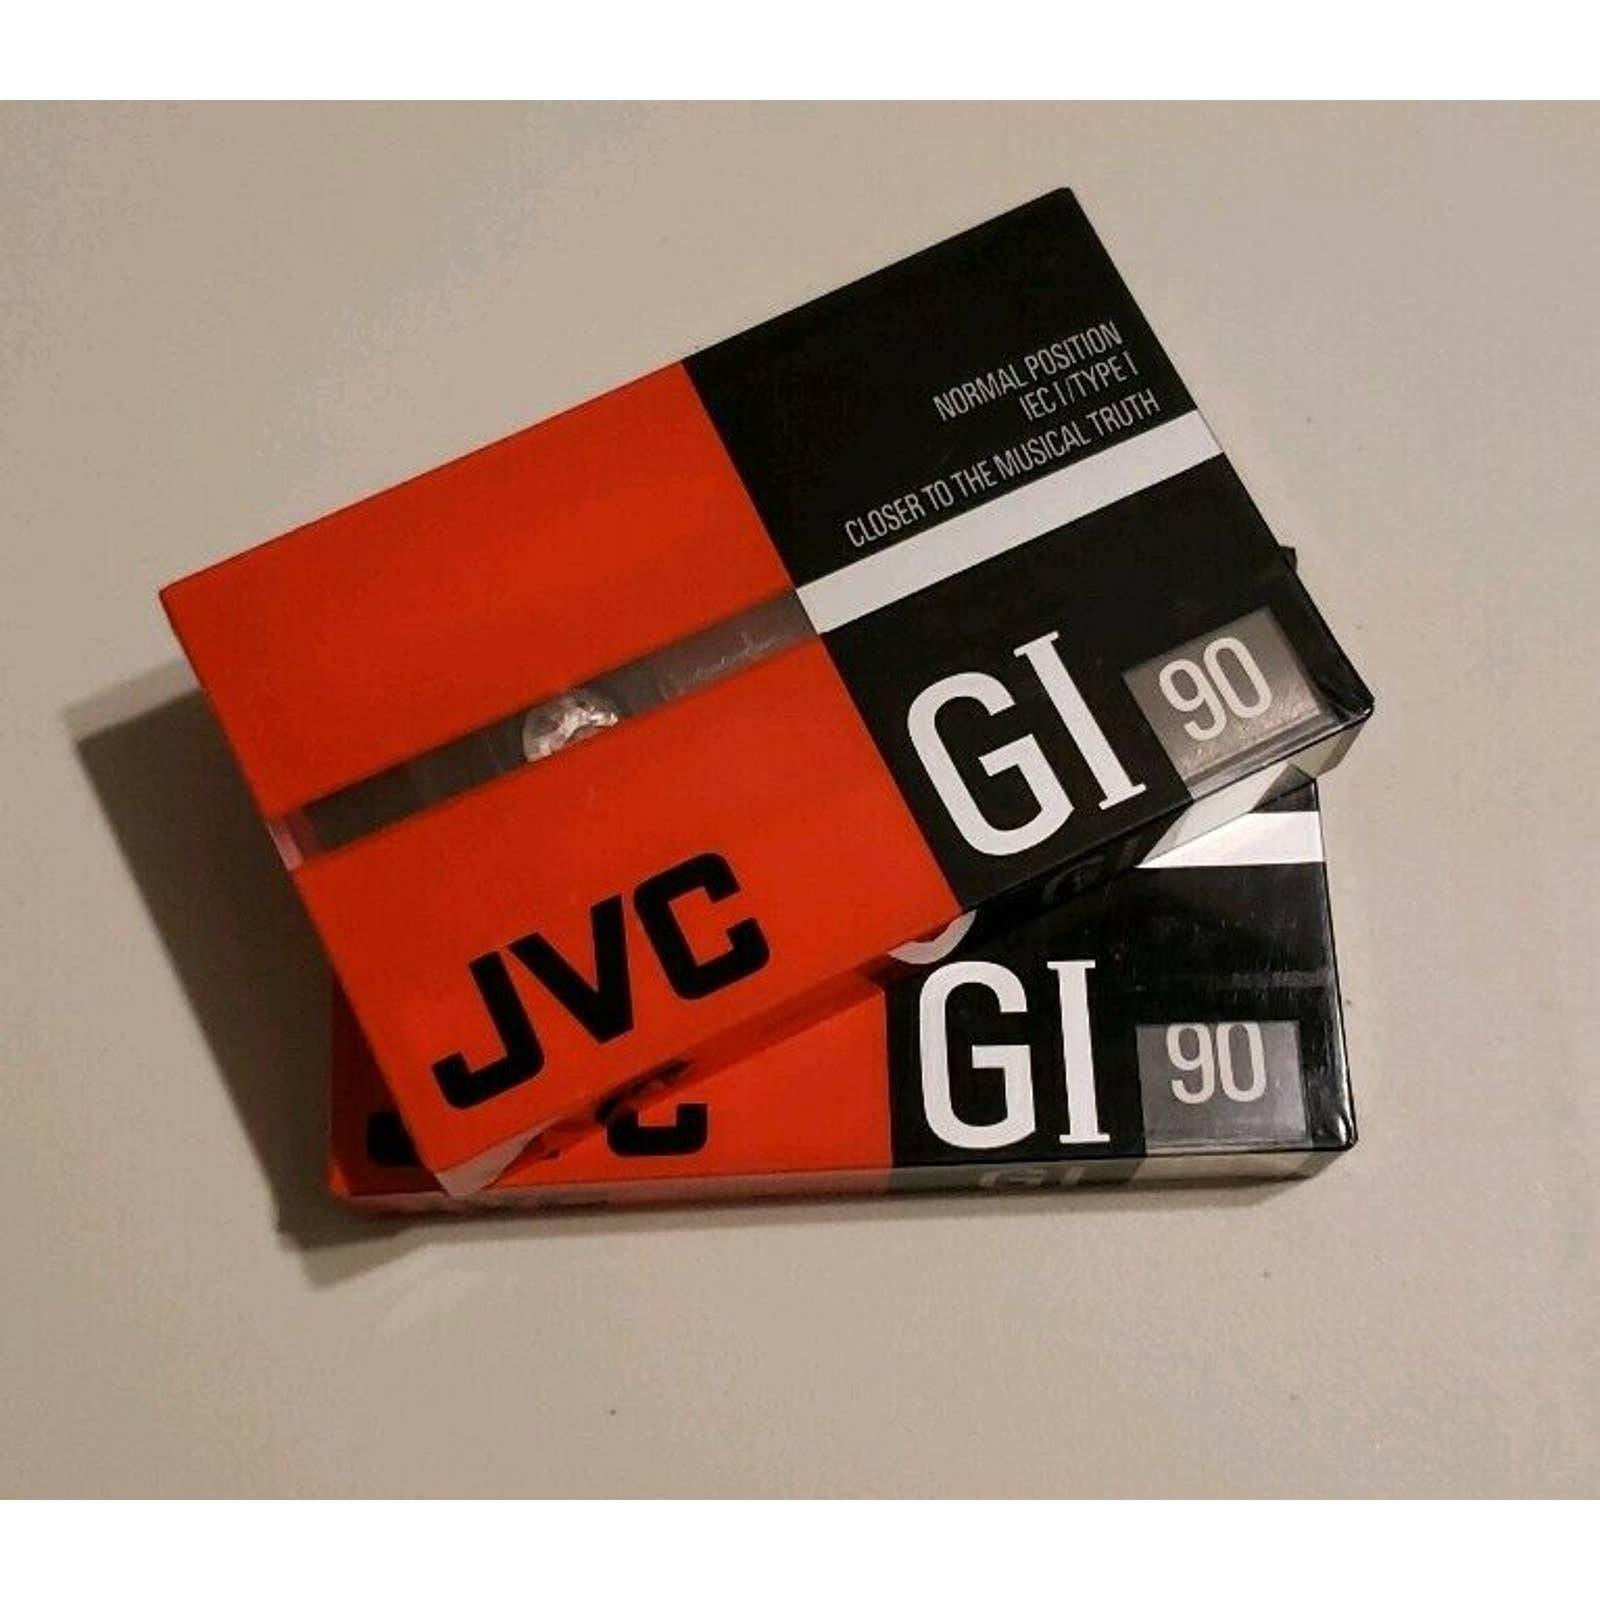 JVC GI90 Blank Cassette Tapes New Sealed